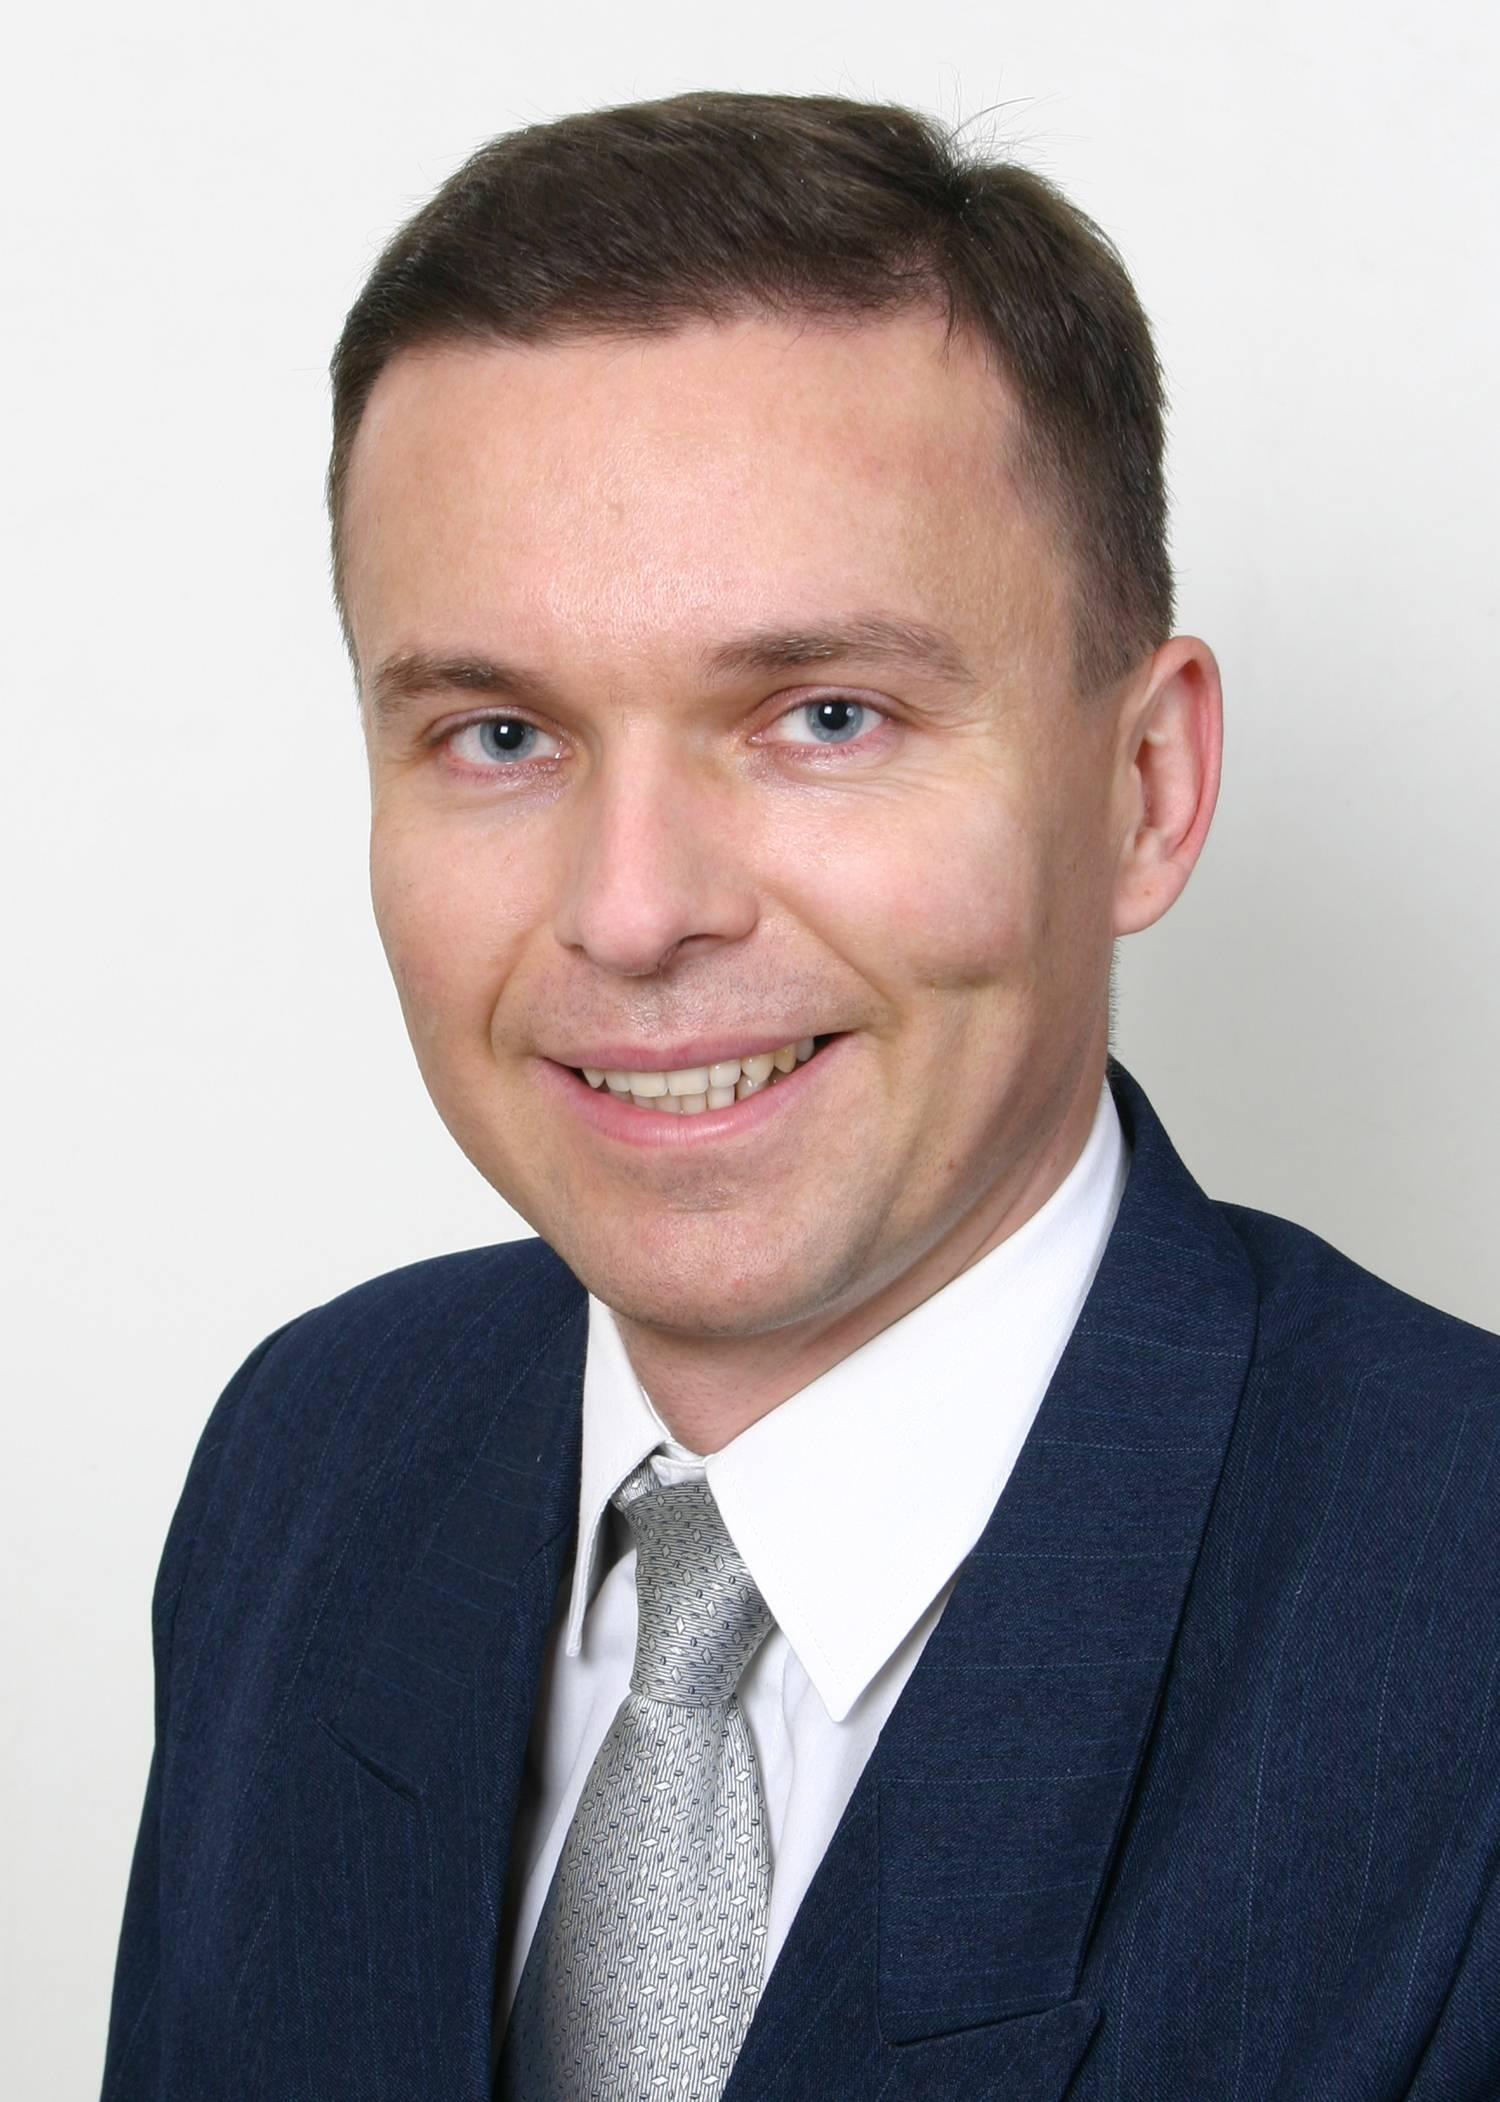 PhDr. Pavel Mičianik, M. A., PhD.